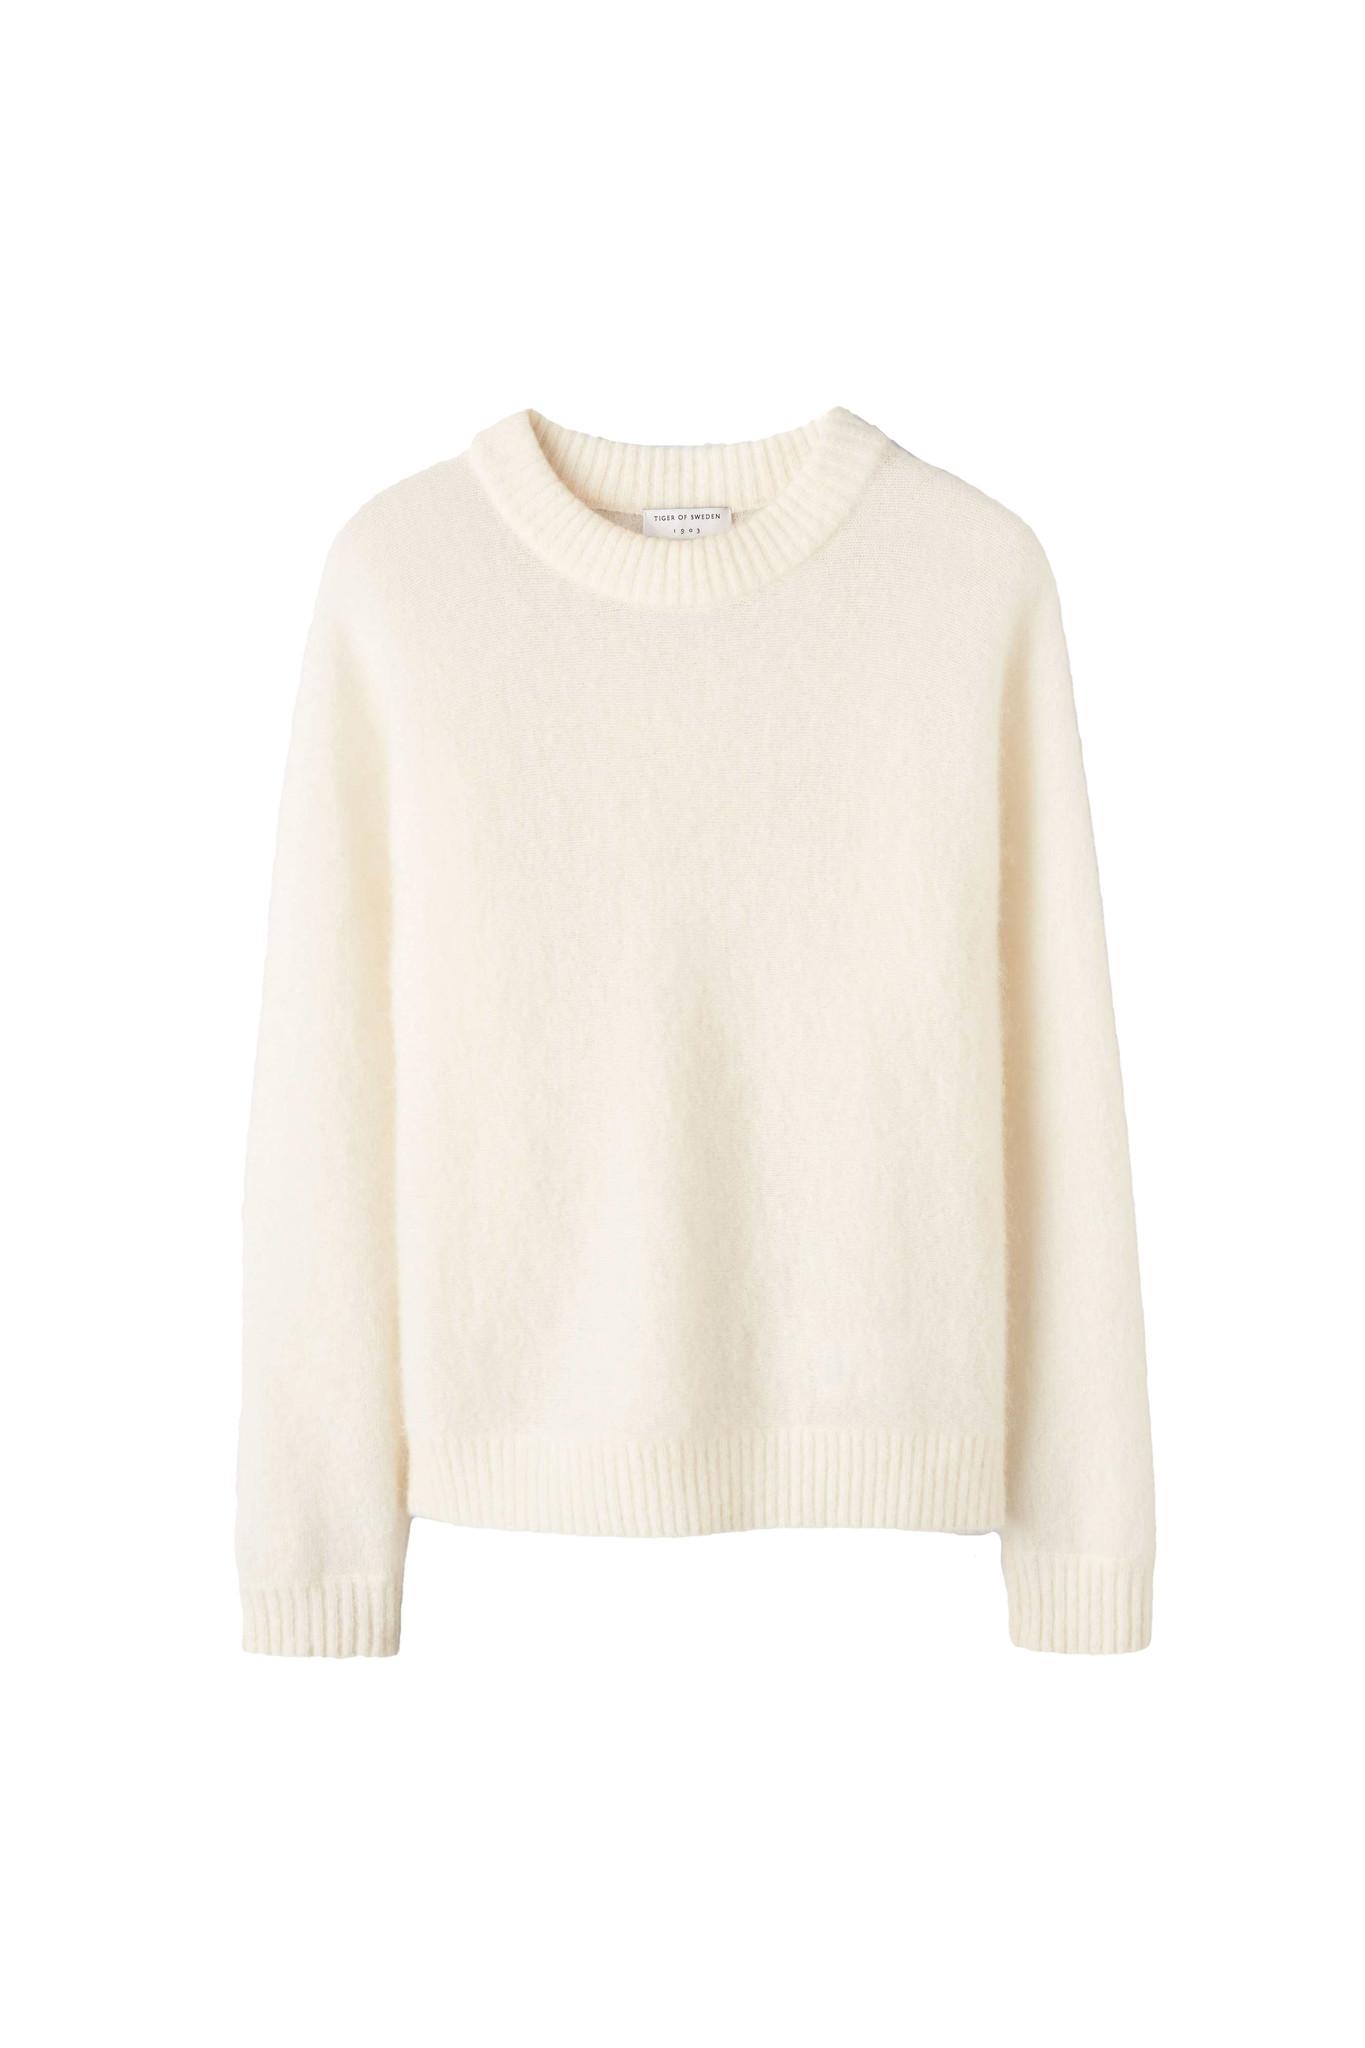 Gwynn Pullover - Pure White-1